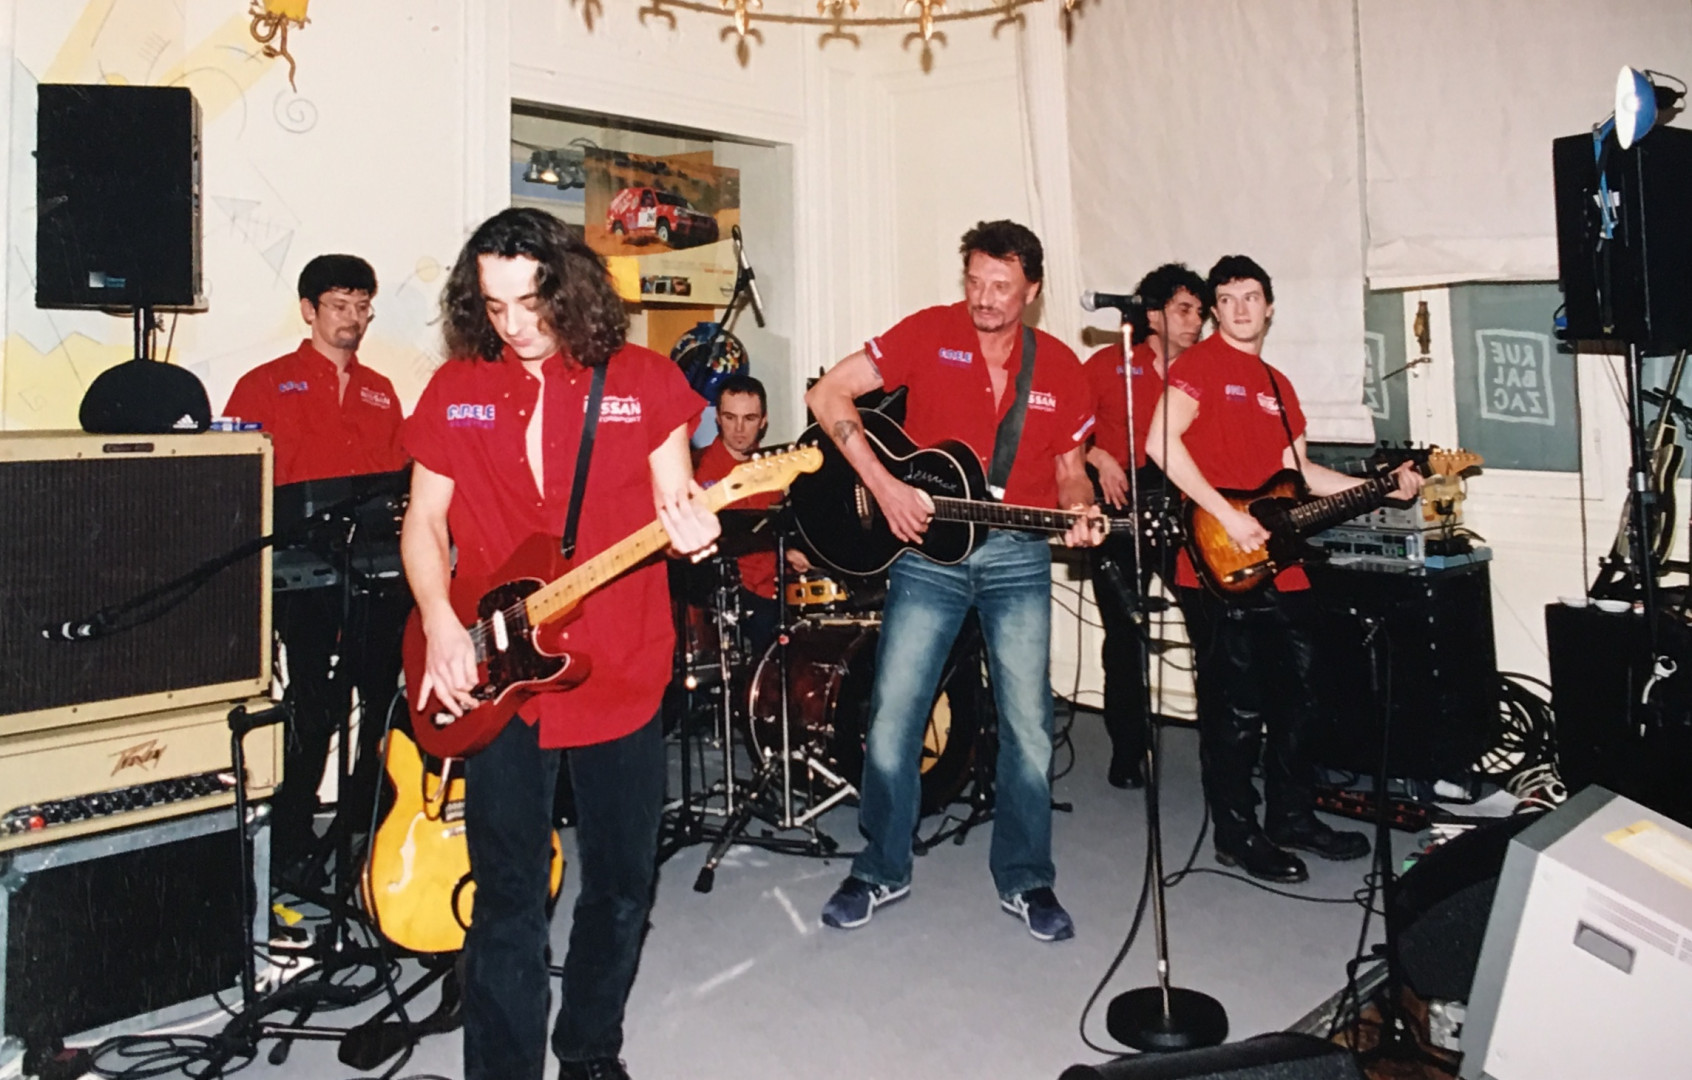 Quelque jours plus tard, Johnny invite toute l'équipe dans son restaurant, avec en surprise un concert privé